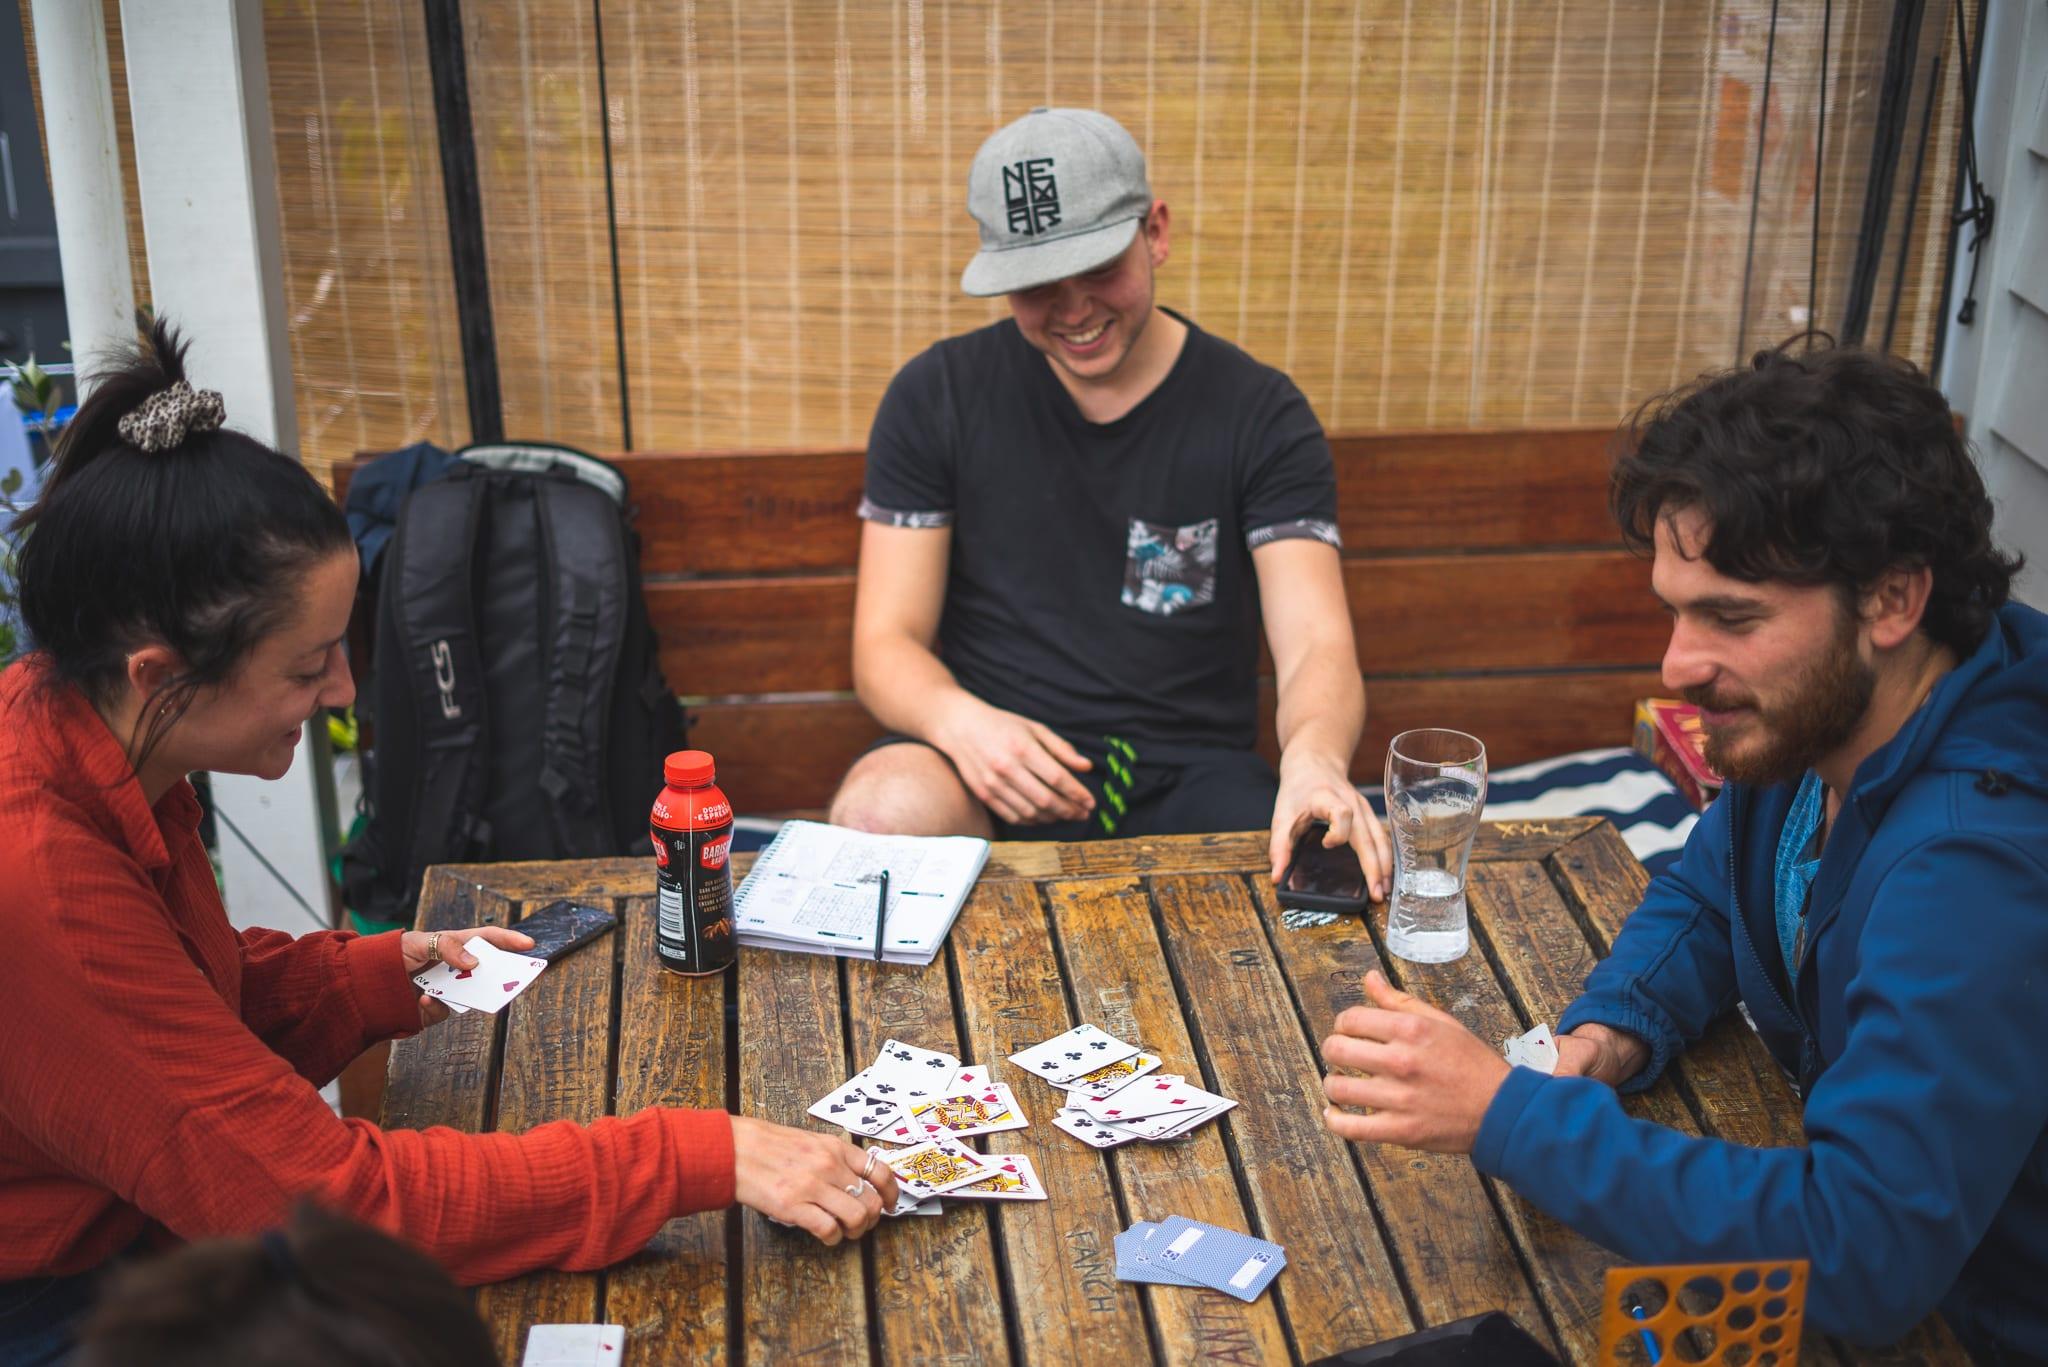 Kiwi Basecamp